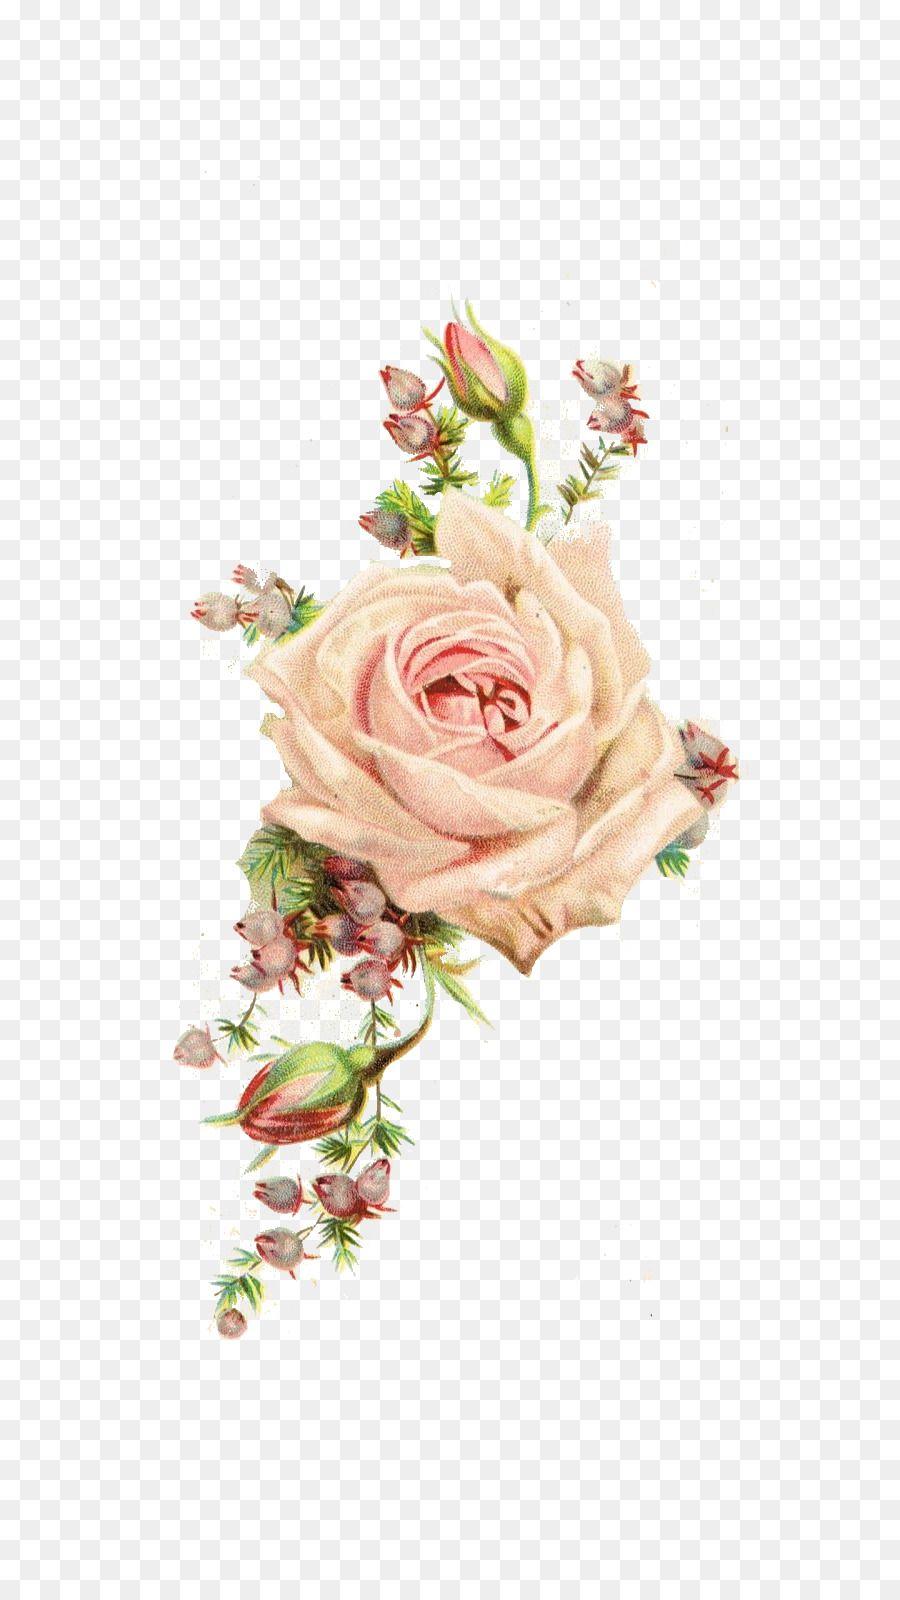 Paper Rose Antique Flower Vintage Clothing Vintage Flowers Flower Drawing Flower Png Images Flower Border Png